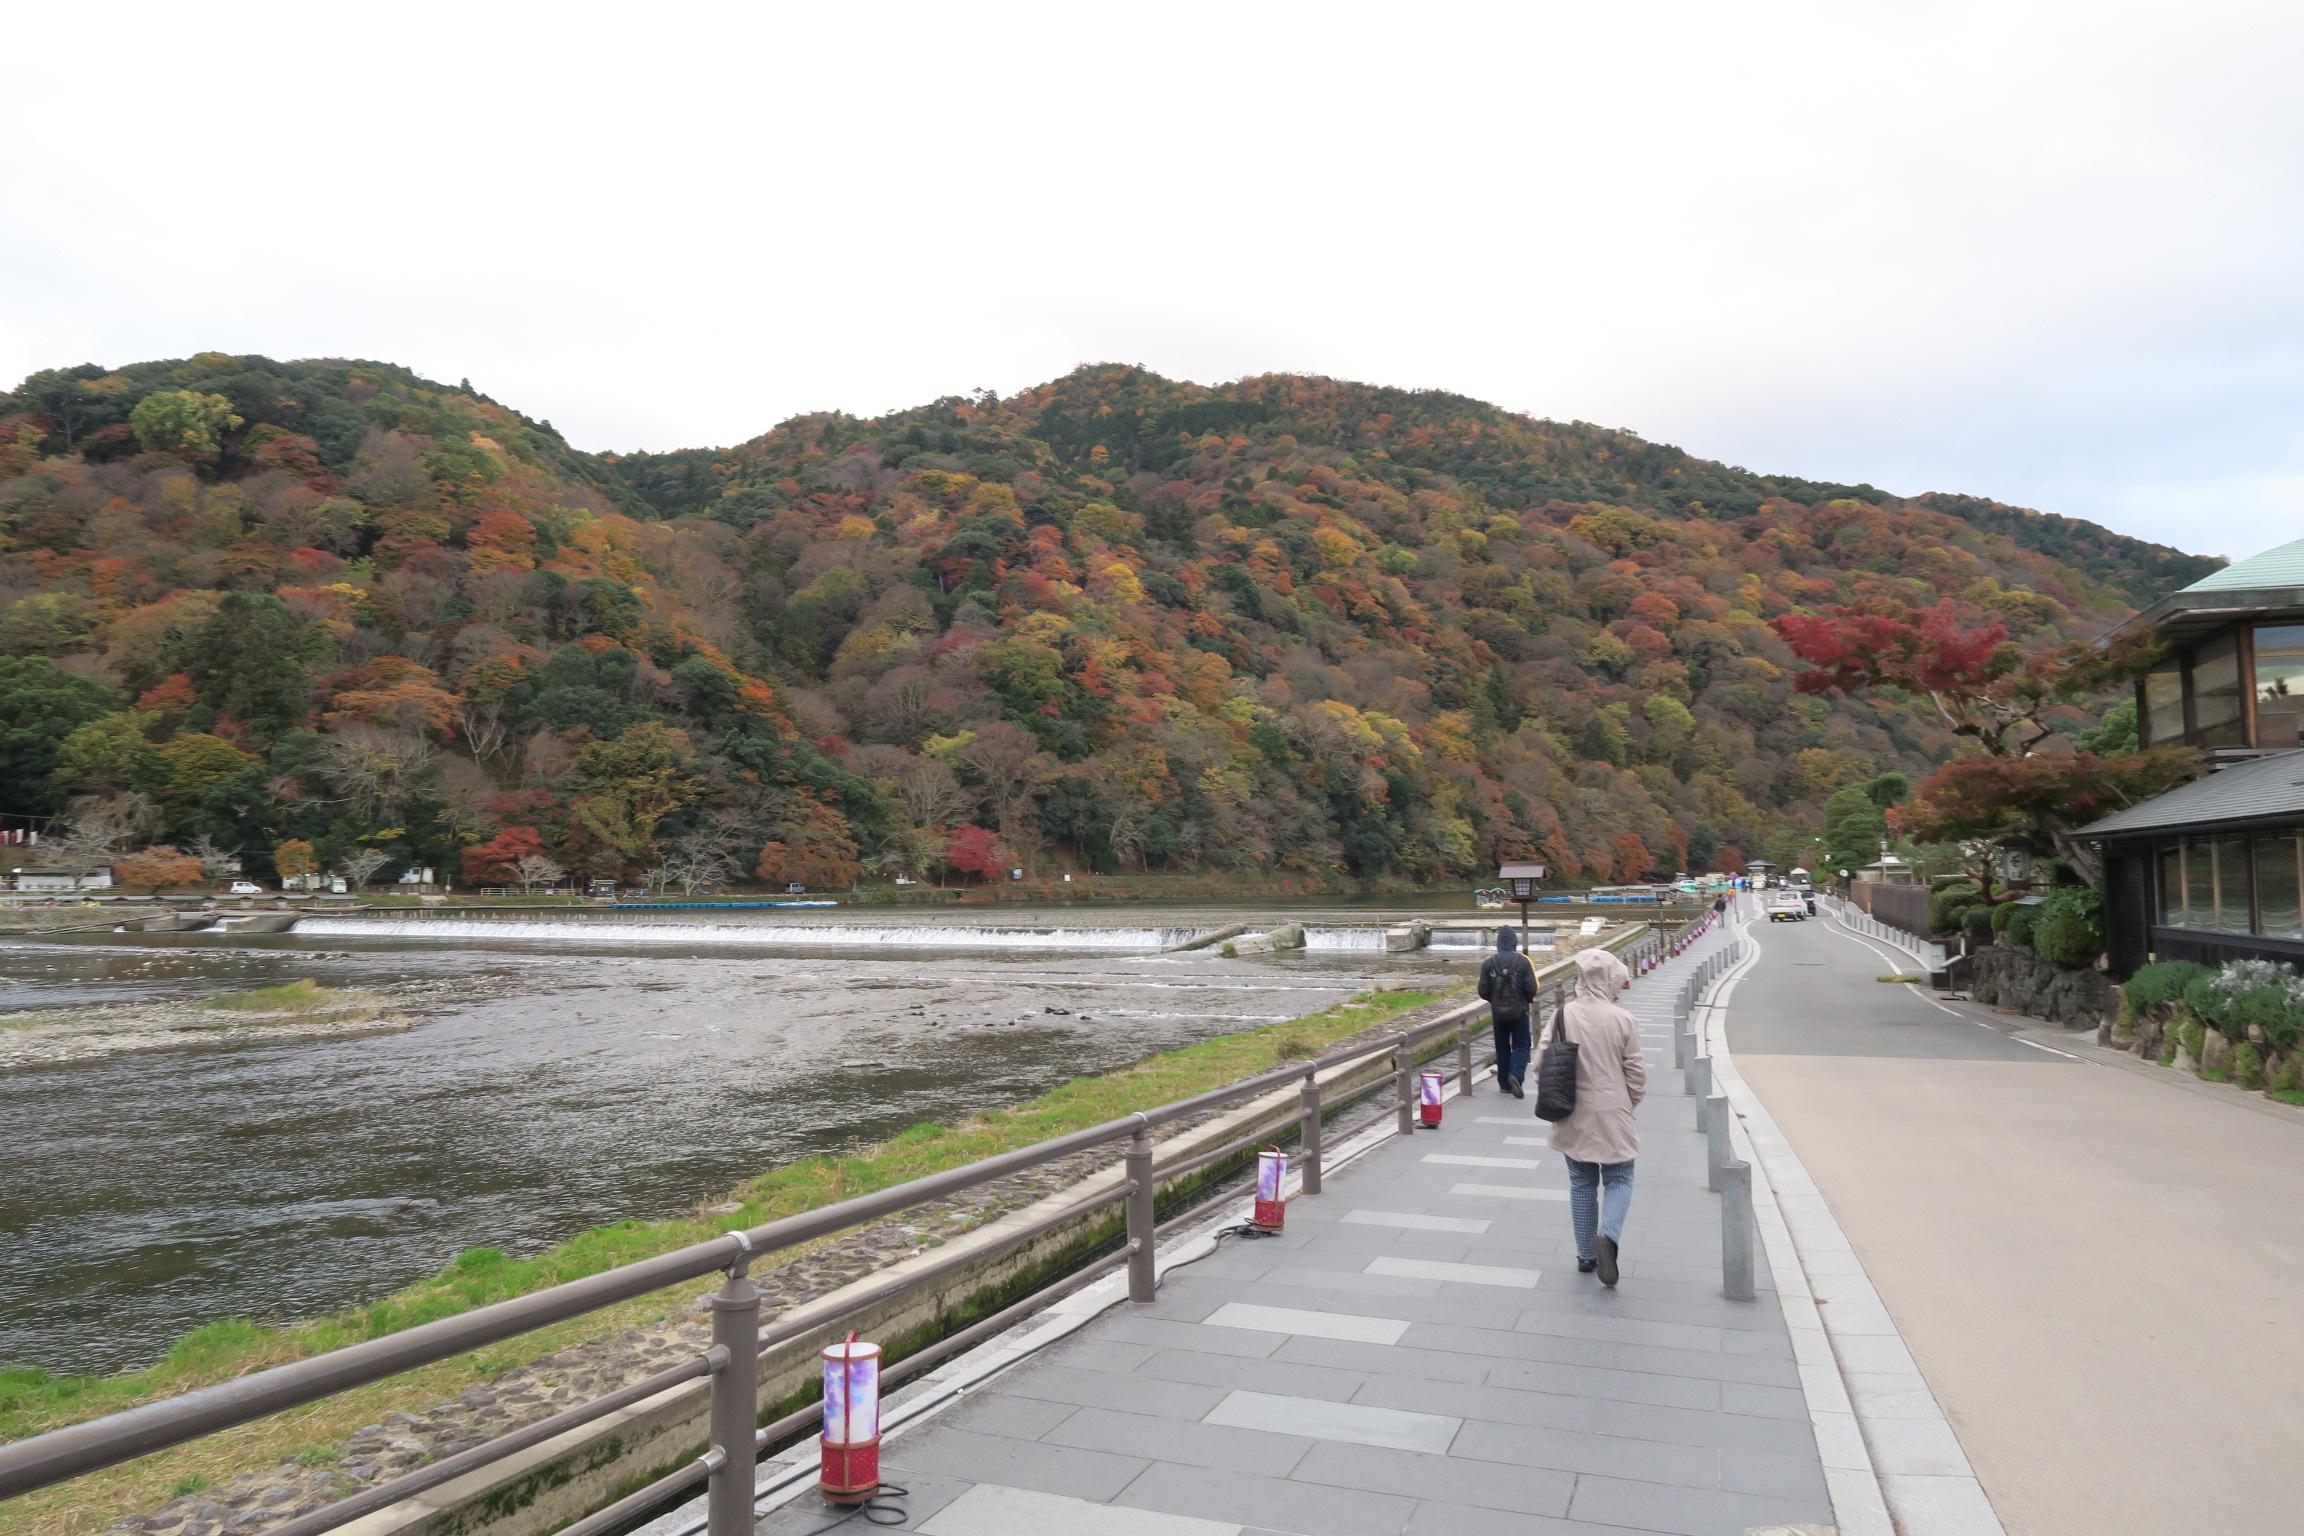 天気は曇りですが、嵐山、渡月橋付近の紅葉はきれいでした。